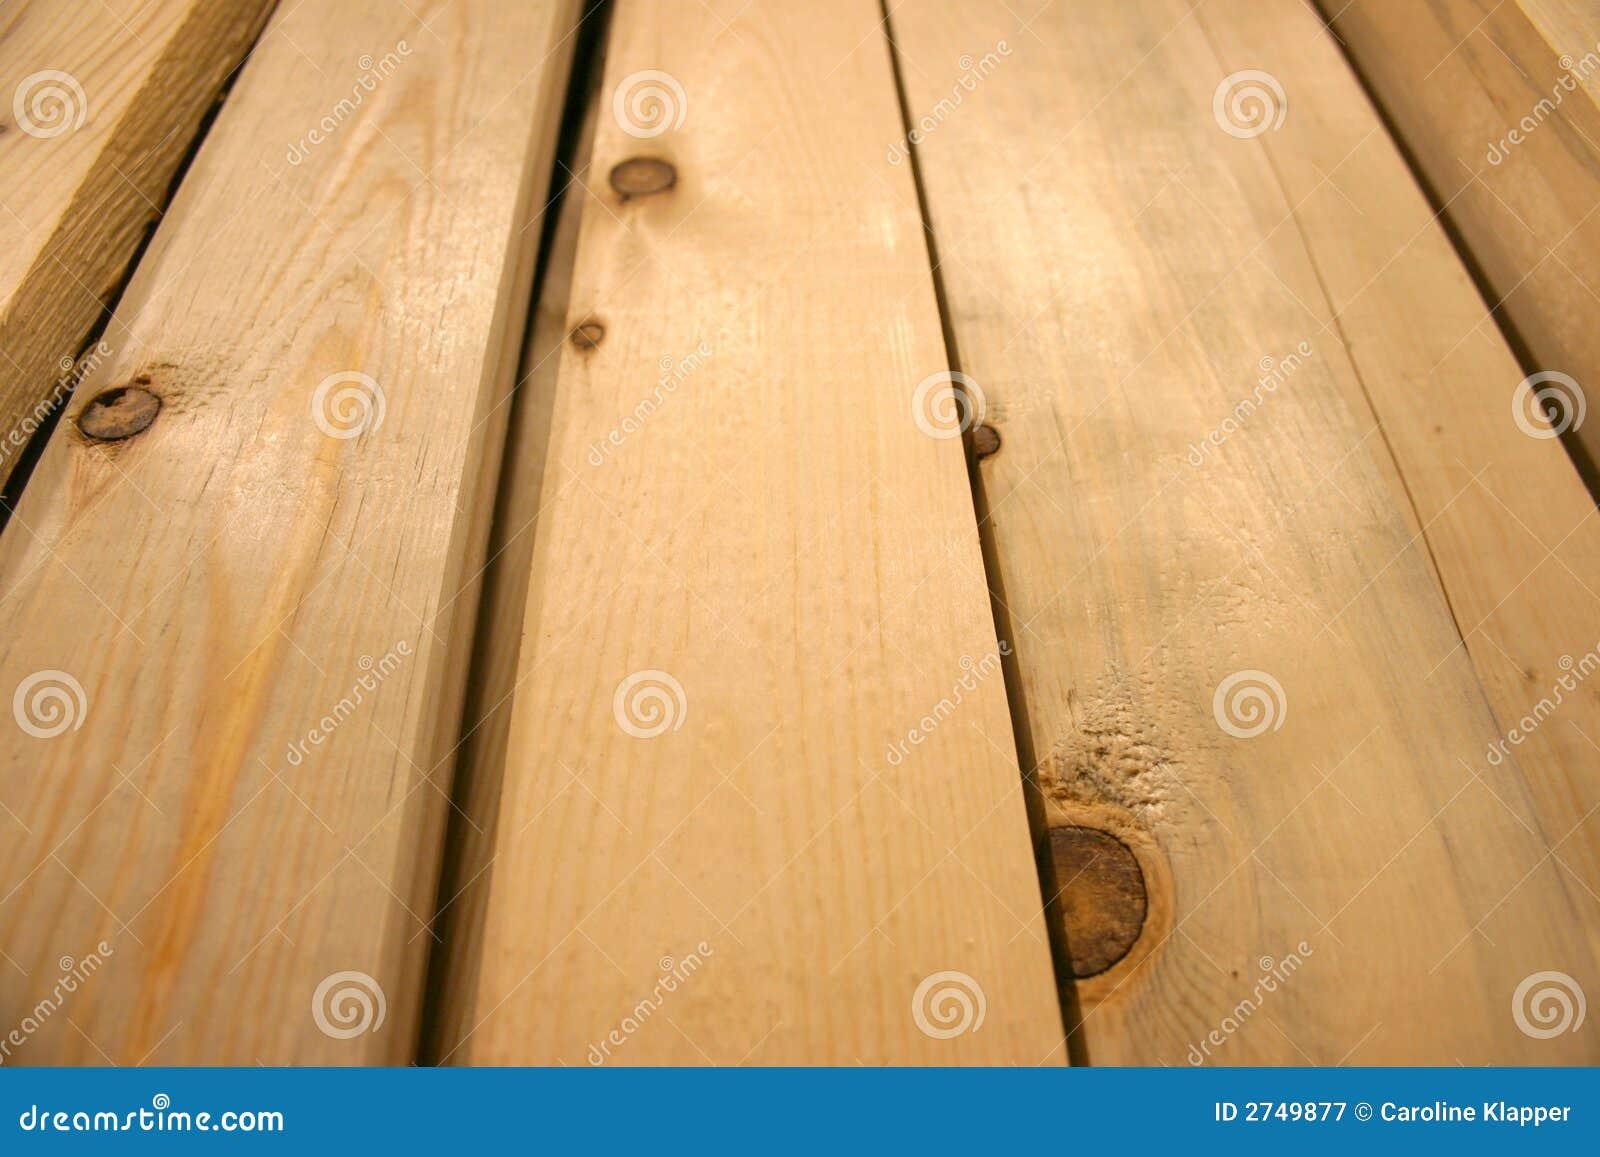 bois de charpente image stock image du planches nou. Black Bedroom Furniture Sets. Home Design Ideas